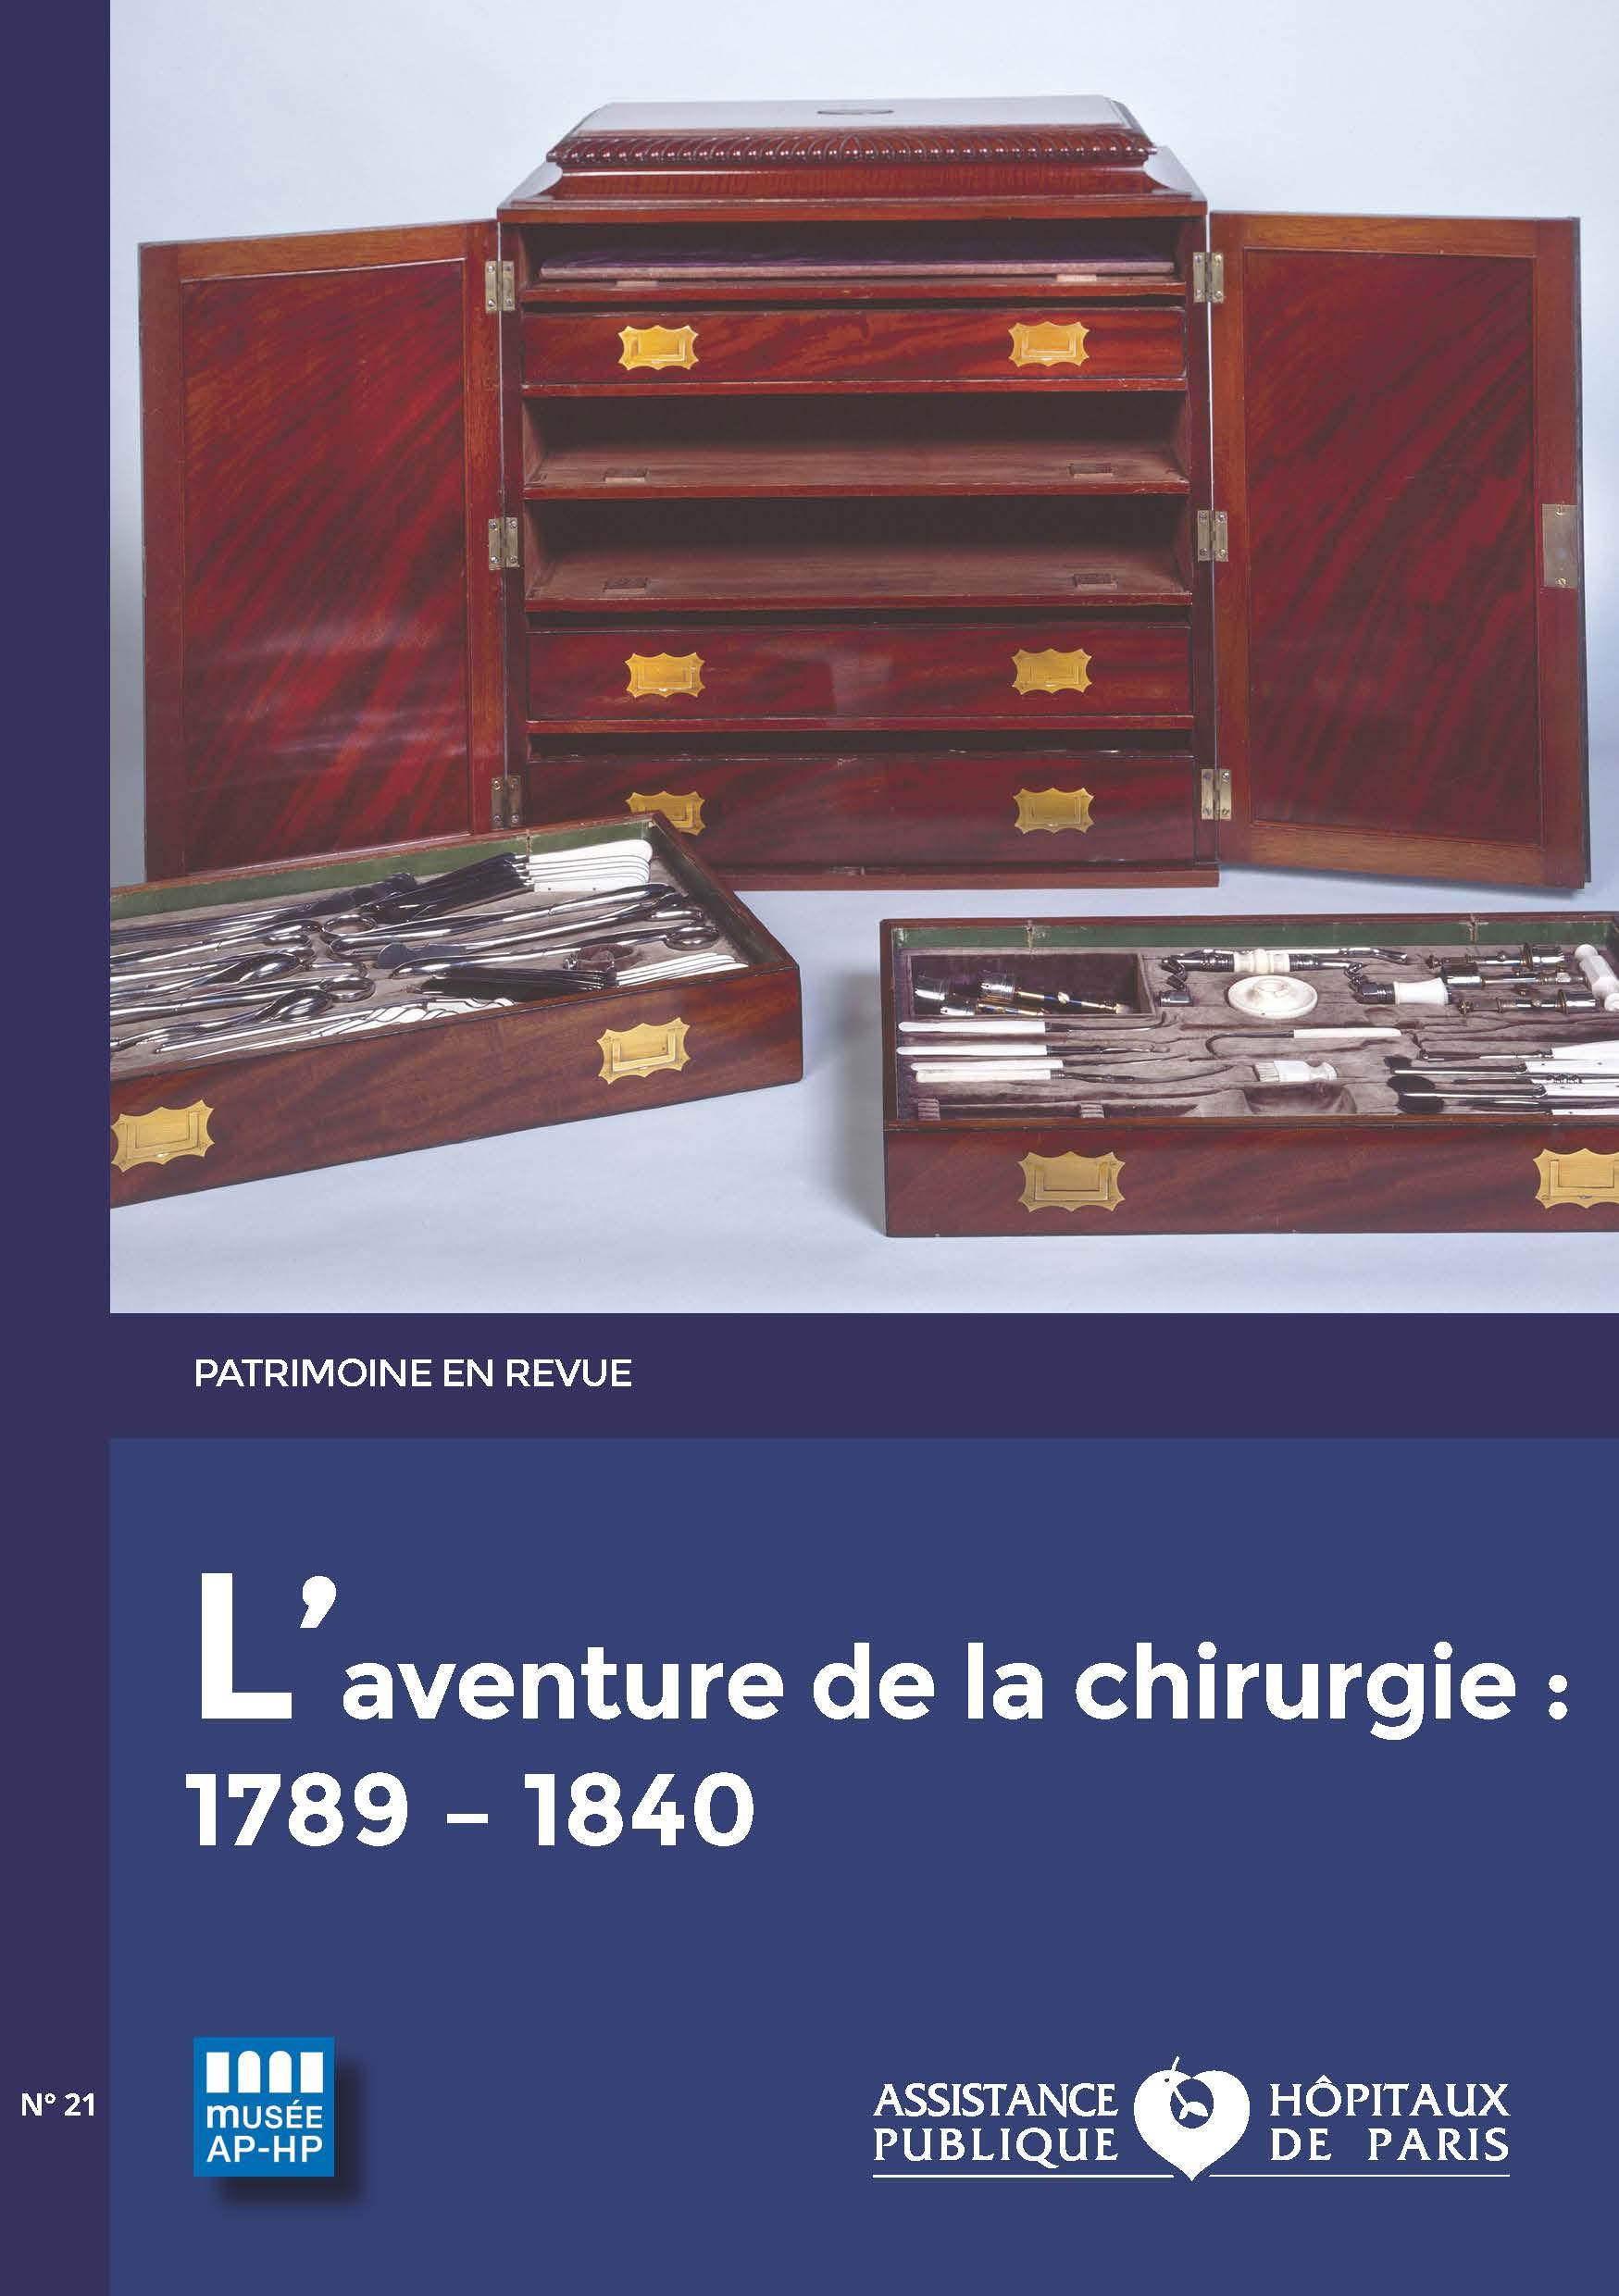 patrimoine-en-revue-21-Aventure-Chirurgie_MuseeAPHP.jpg